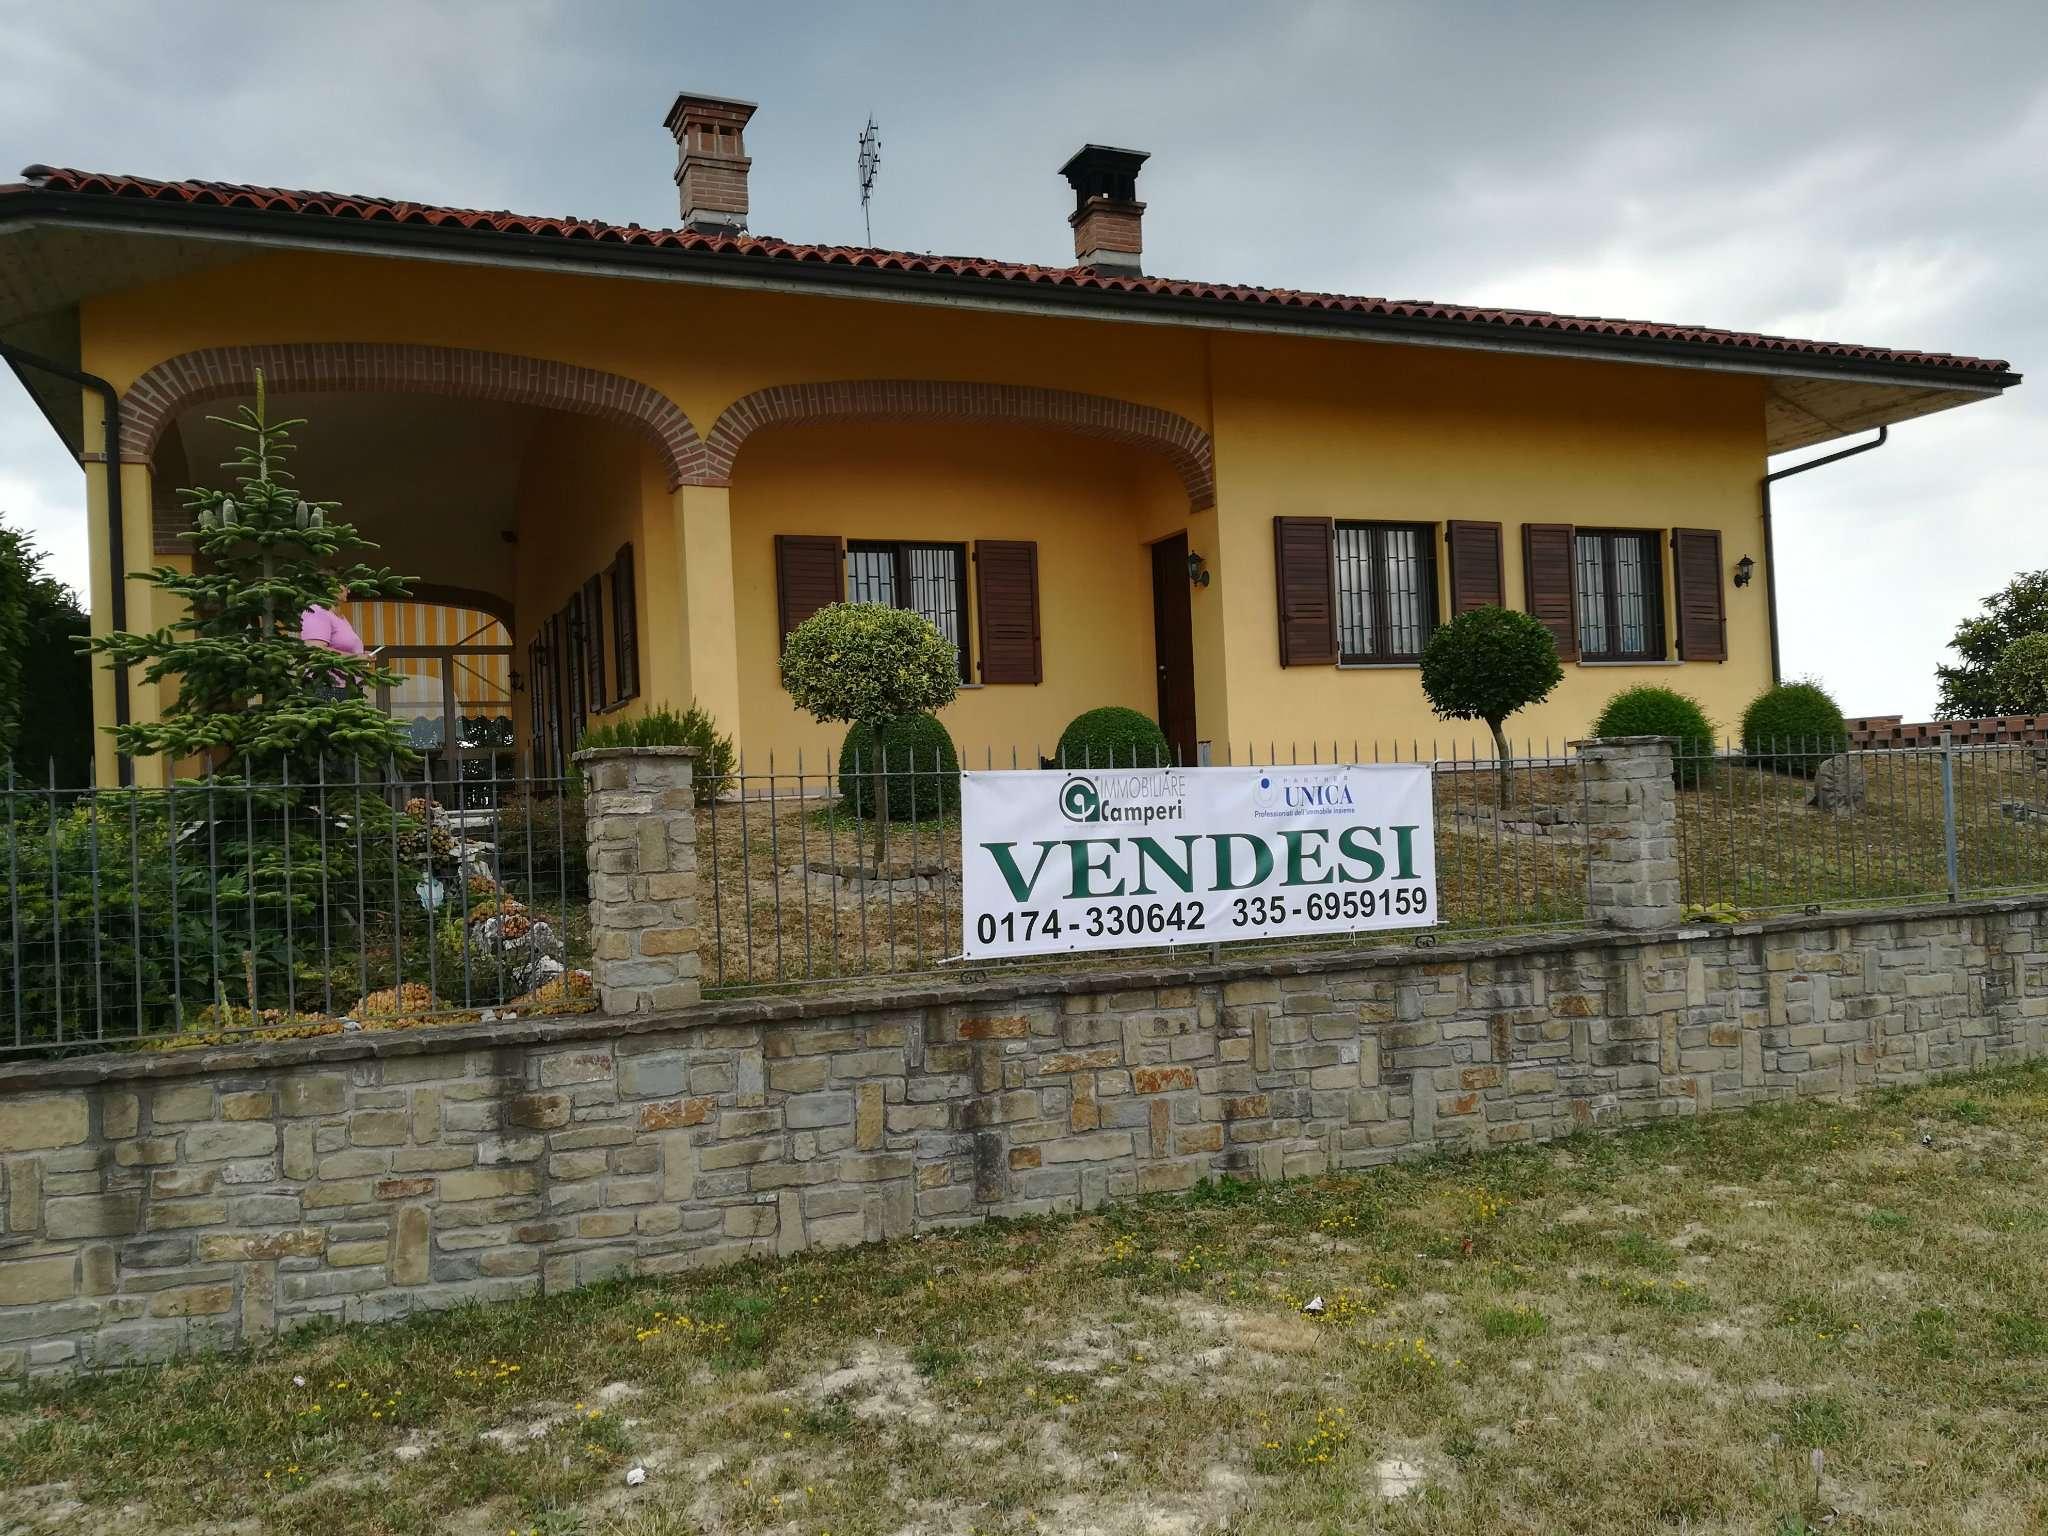 Soluzione Indipendente in vendita a Belvedere Langhe, 11 locali, prezzo € 445.000 | CambioCasa.it